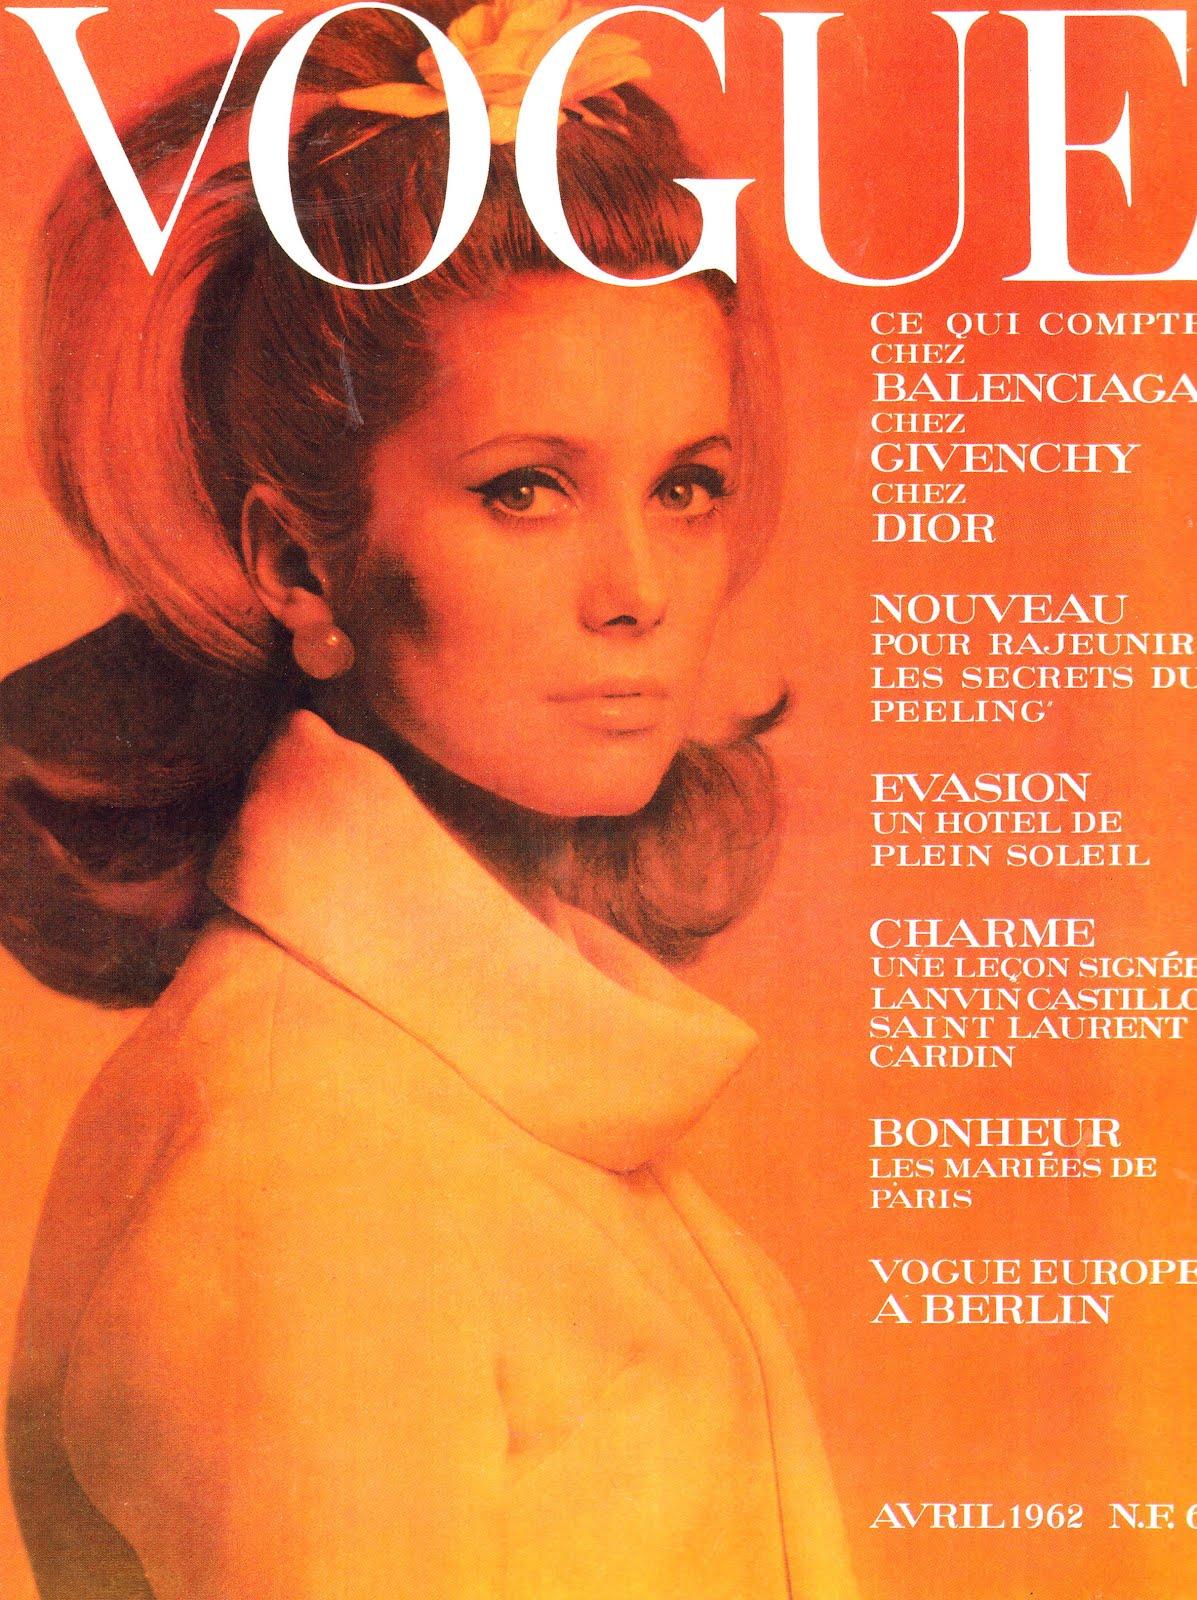 Vogue The Top Selling Fashion Magazine: The Retro/Vintage Scan Emporium: Paris Vogue Covers